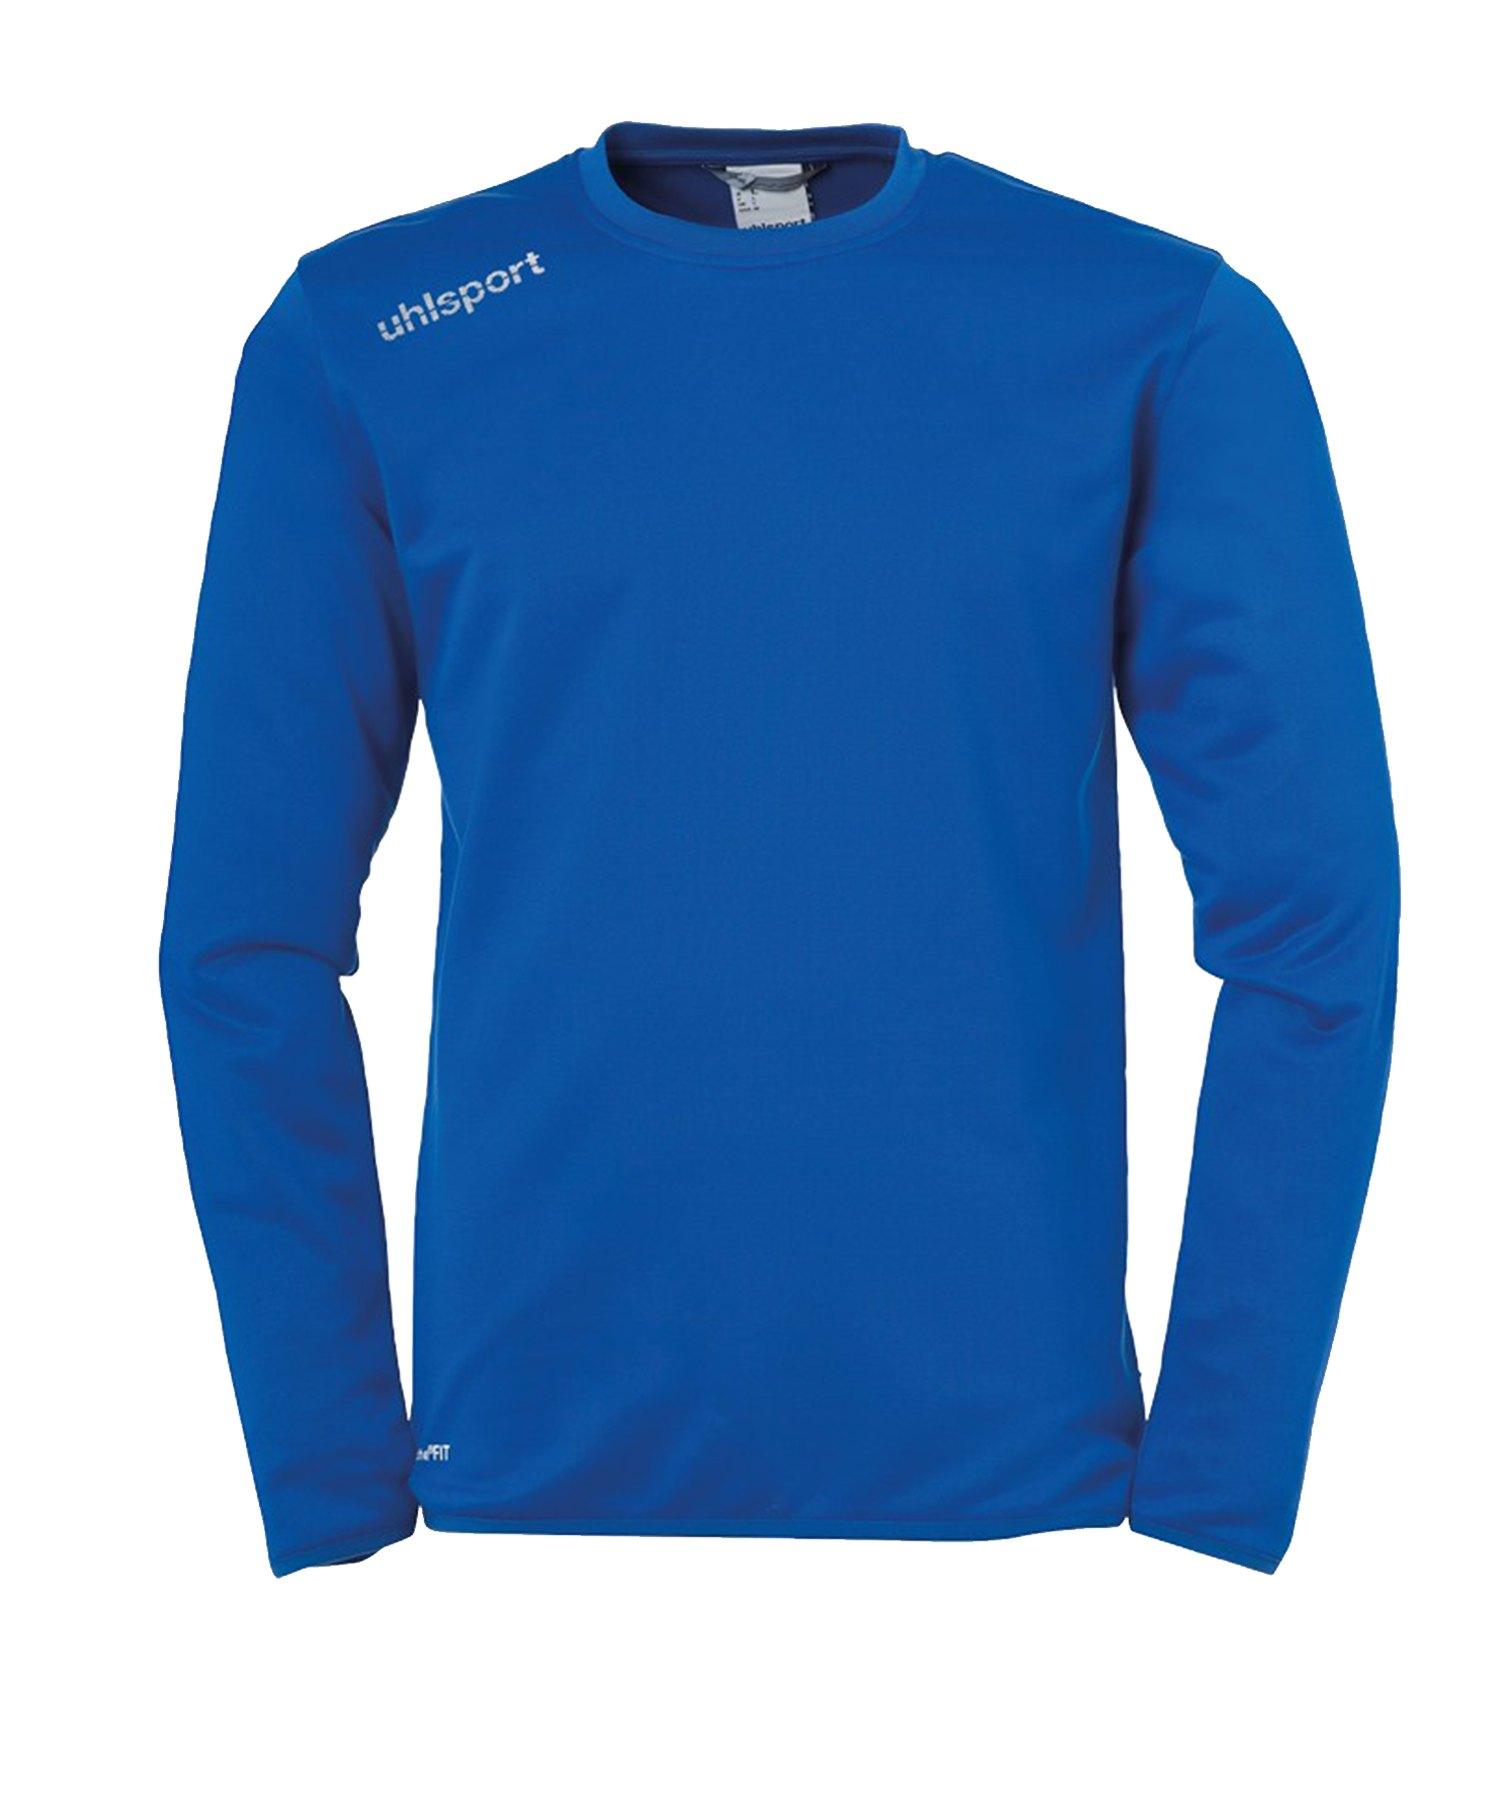 Uhlsport Essential Trainingstop langarm Blau F03 - blau